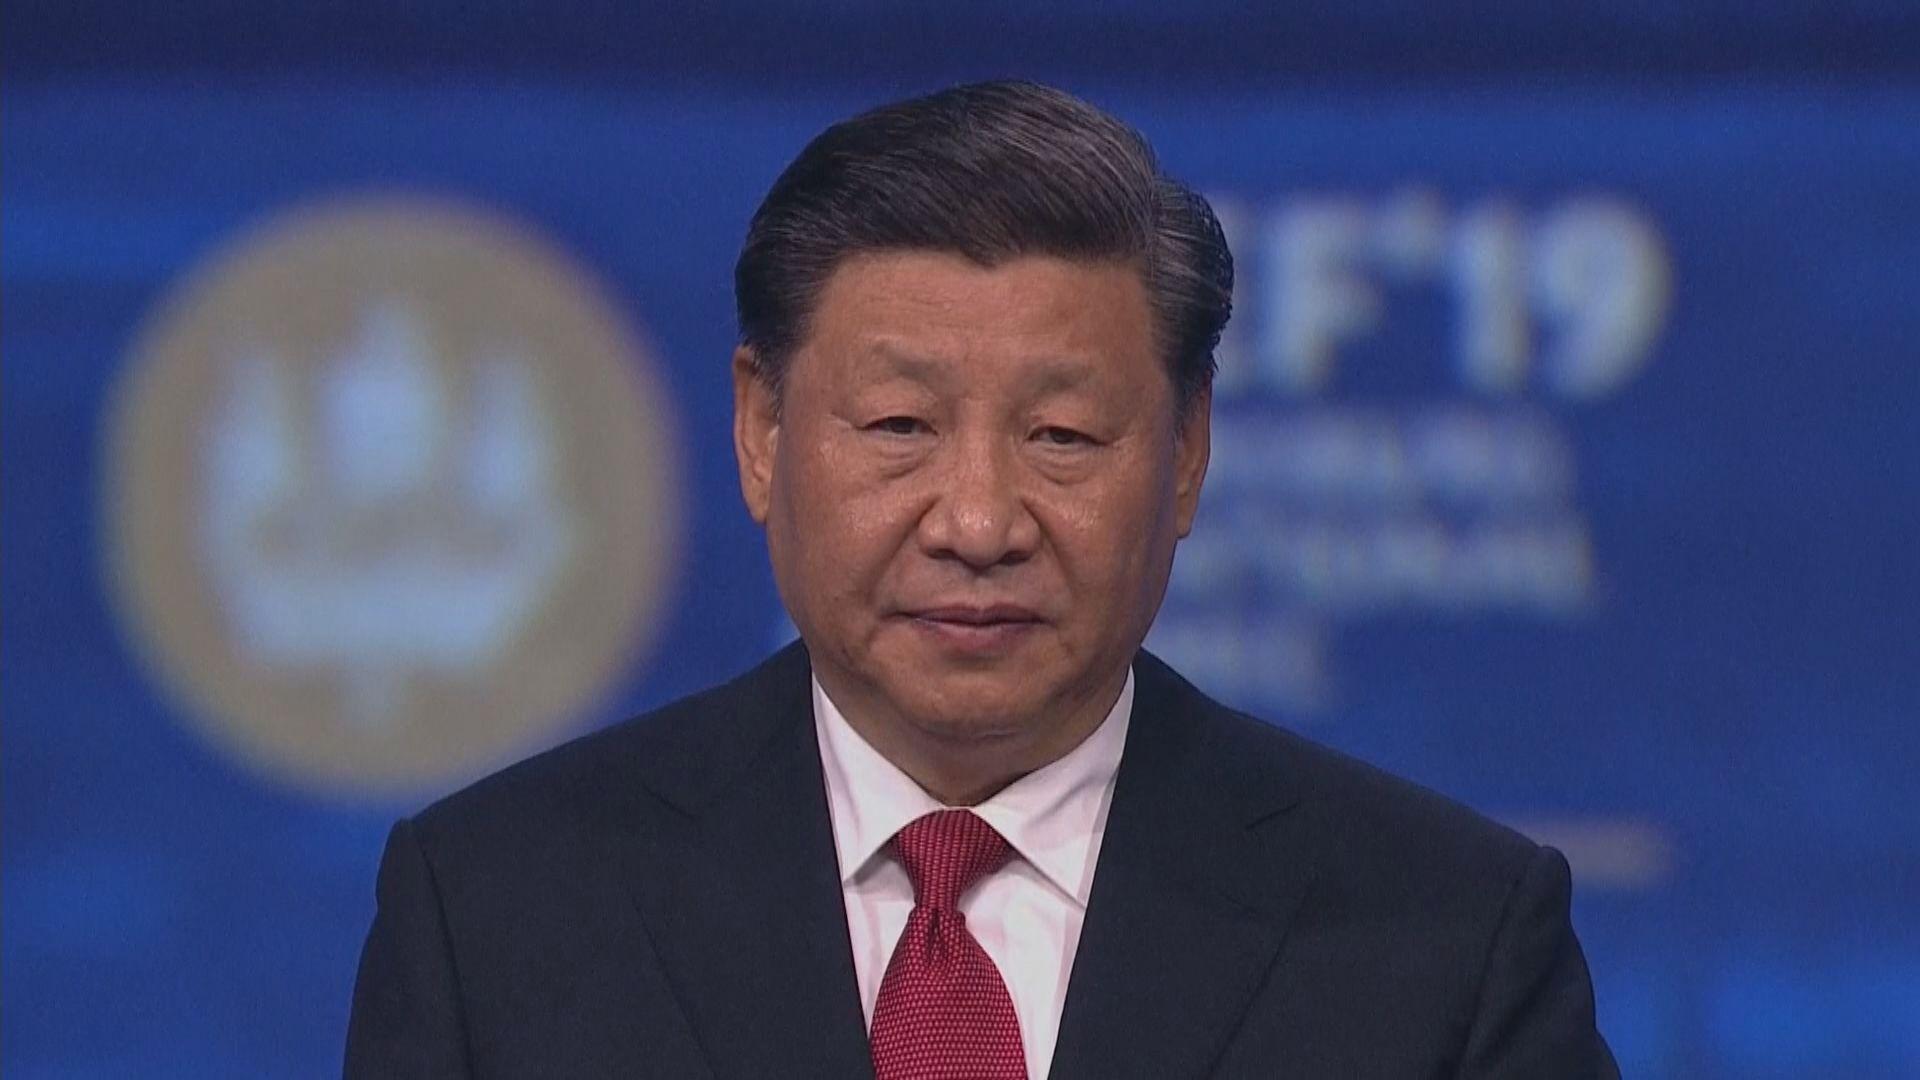 習近平︰願秉持可持續發展理念維護多邊貿易